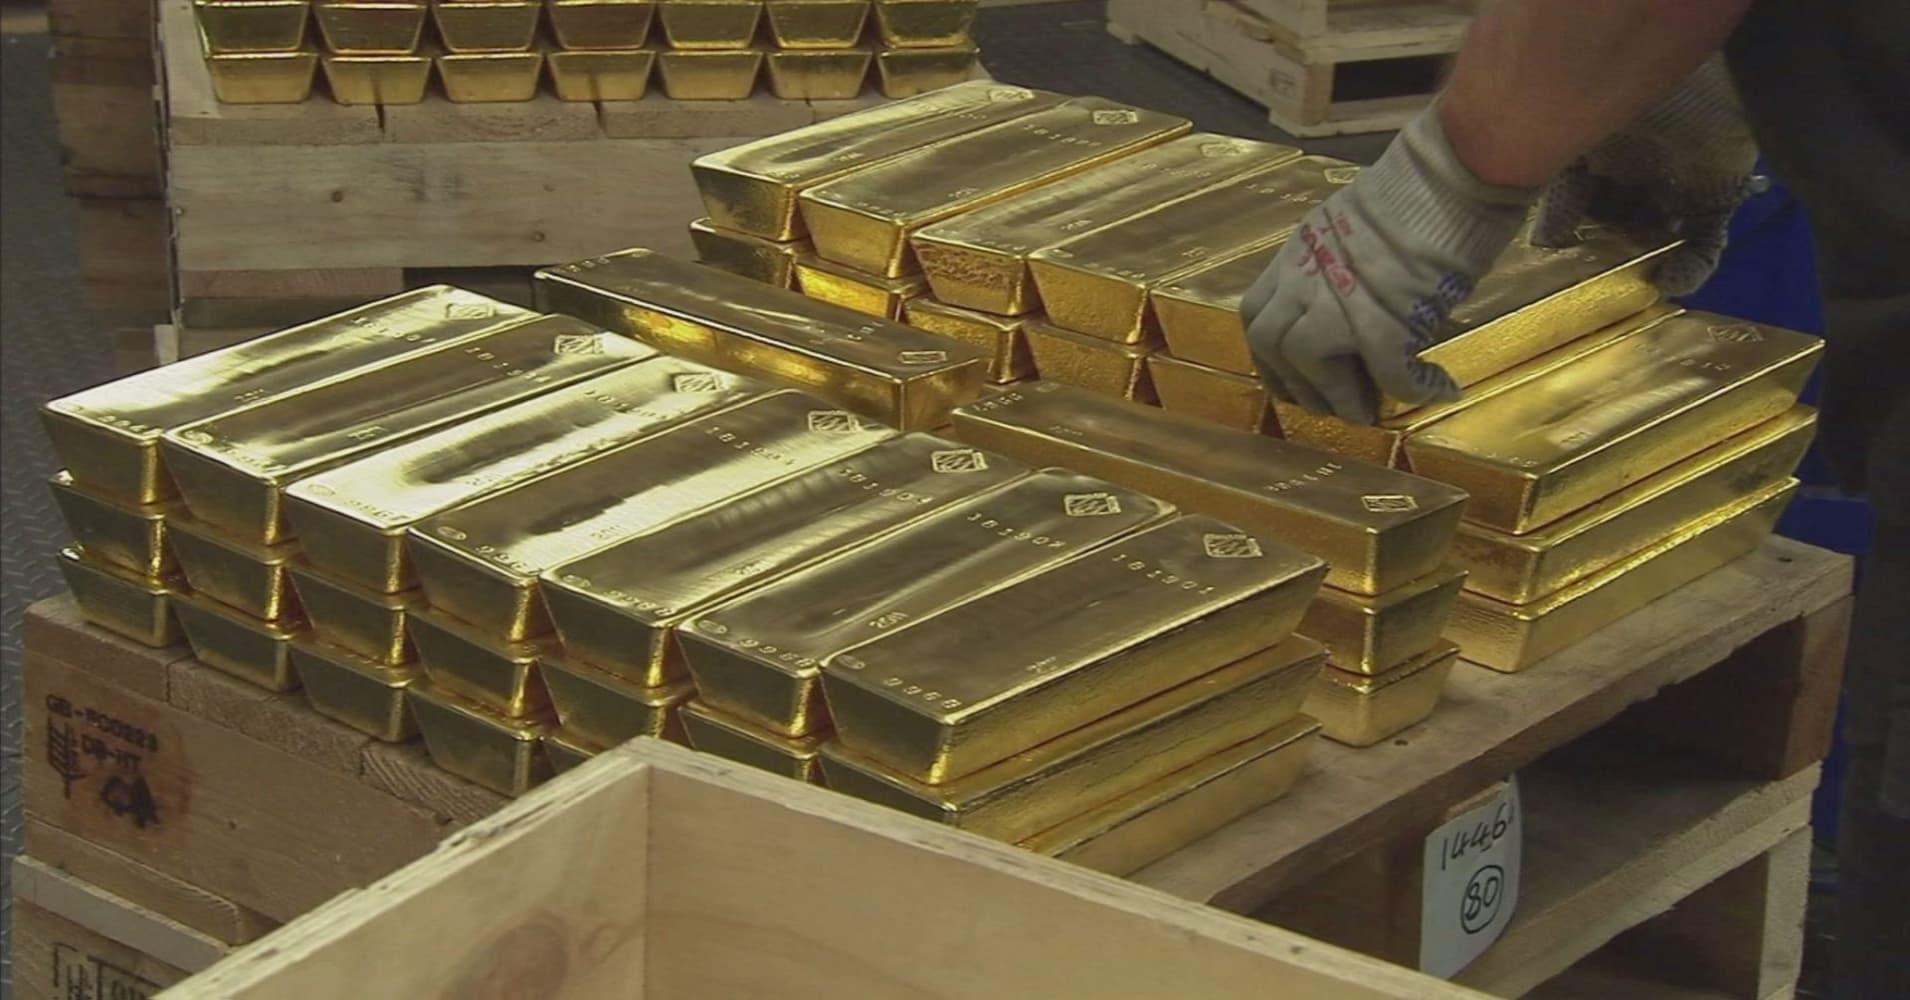 Dự trữ vàng của Nga lần đầu tiên vượt qua dự trữ USD - Ảnh 1.